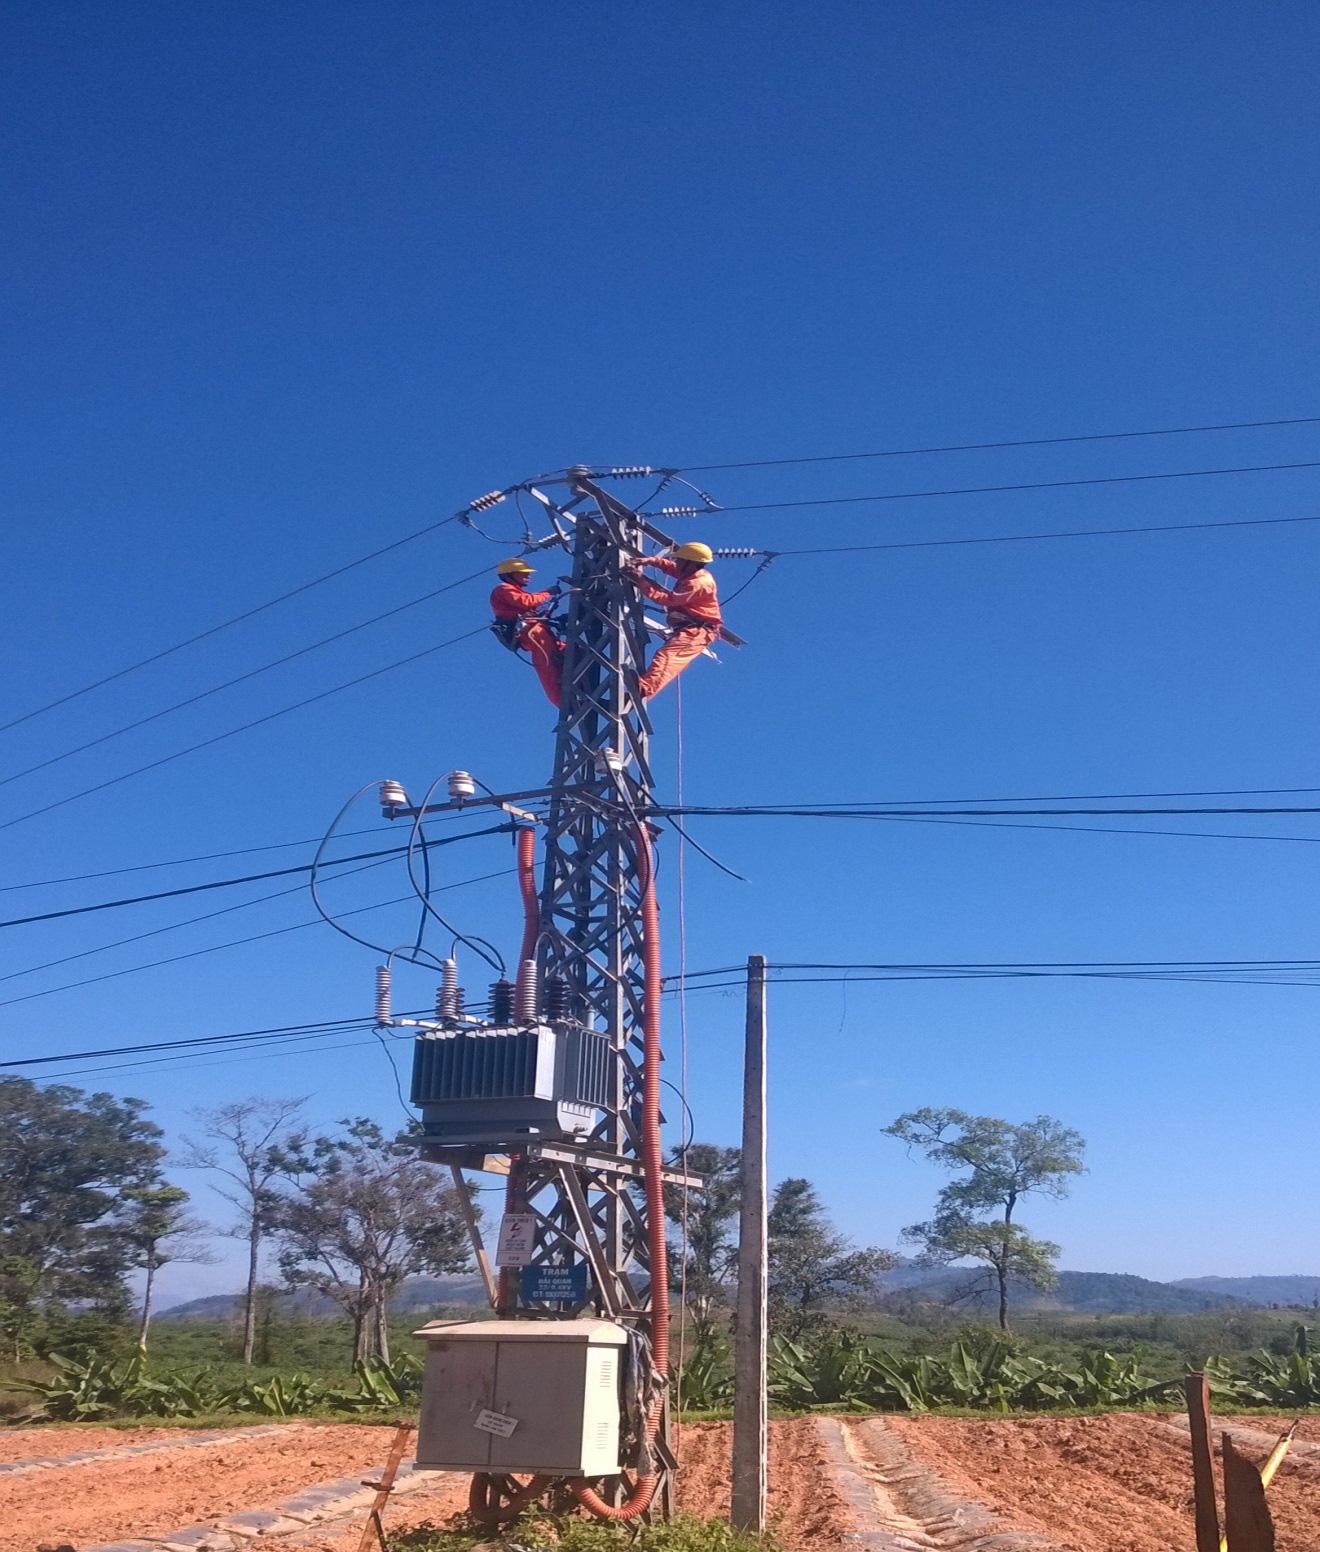 PC Gia Lai: Tự động hoá và kết nối SCADA lưới điện trung áp, nâng cao độ tin cậy cung cấp điện - Ảnh 1.